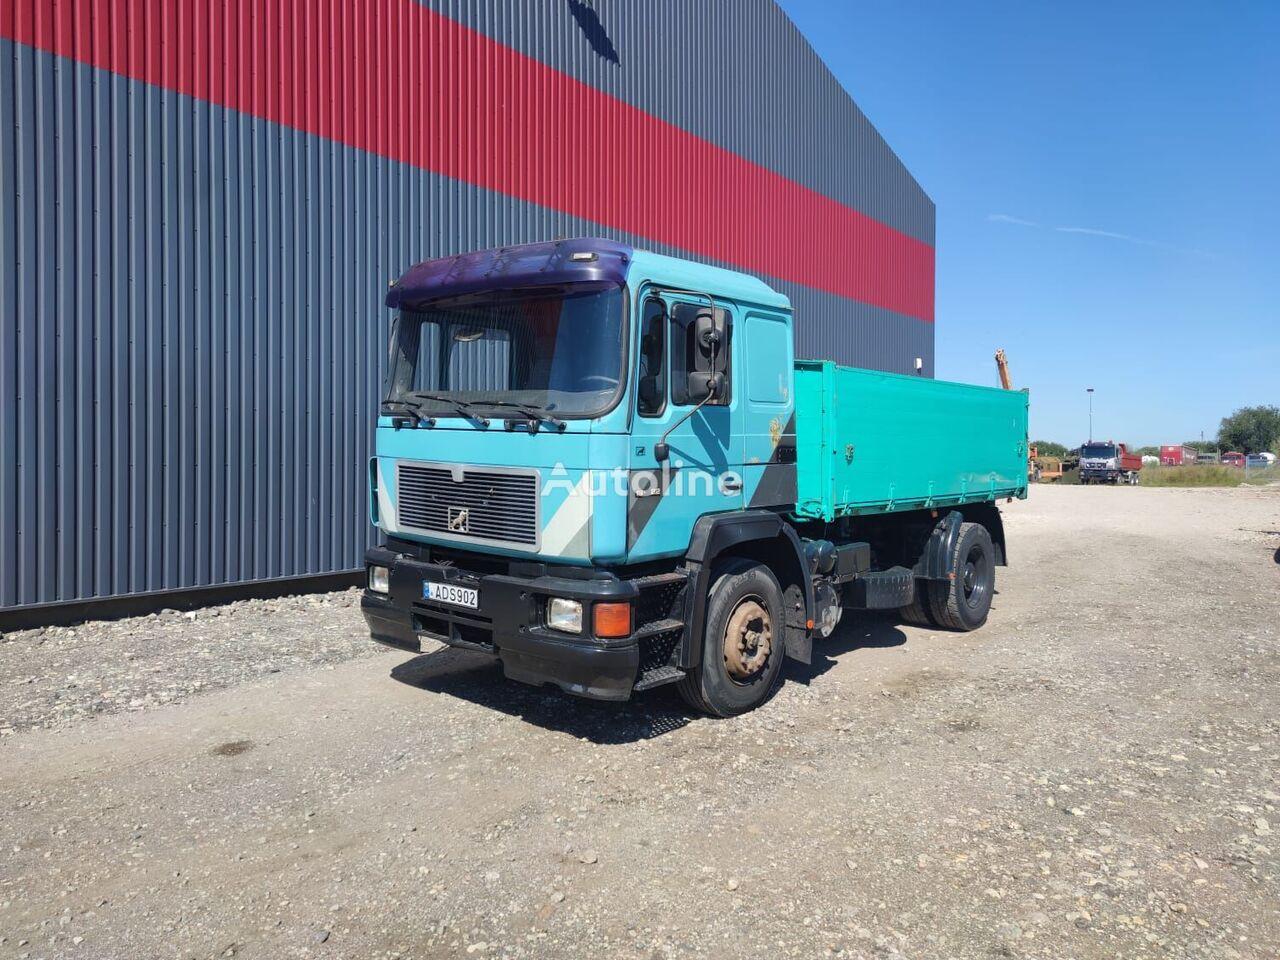 MAN 19.422 dump truck